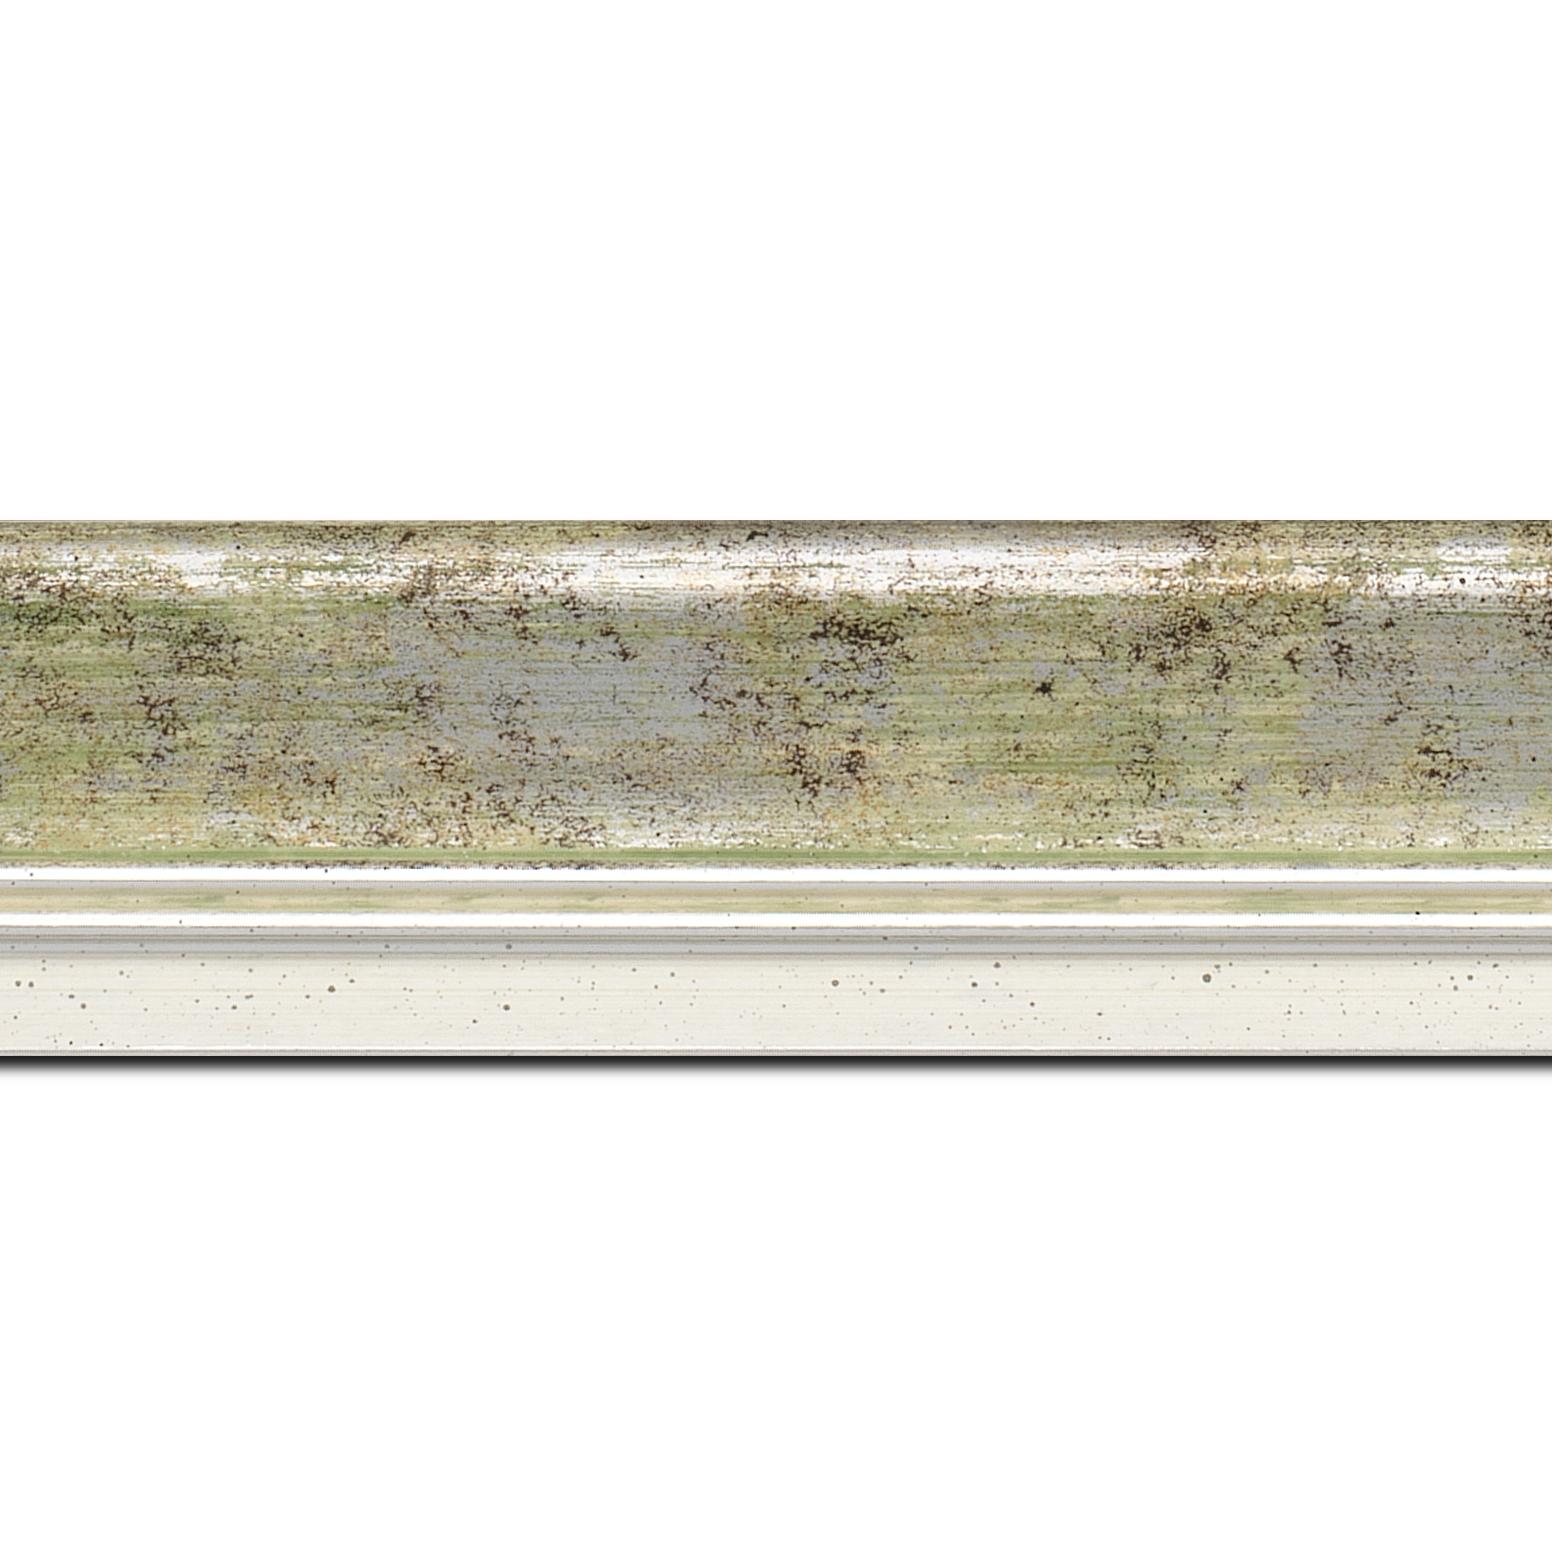 Baguette longueur 1.40m bois profil incurvé largeur 5.7cm de couleur vert fond argent marie louise blanche mouchetée filet argent intégré